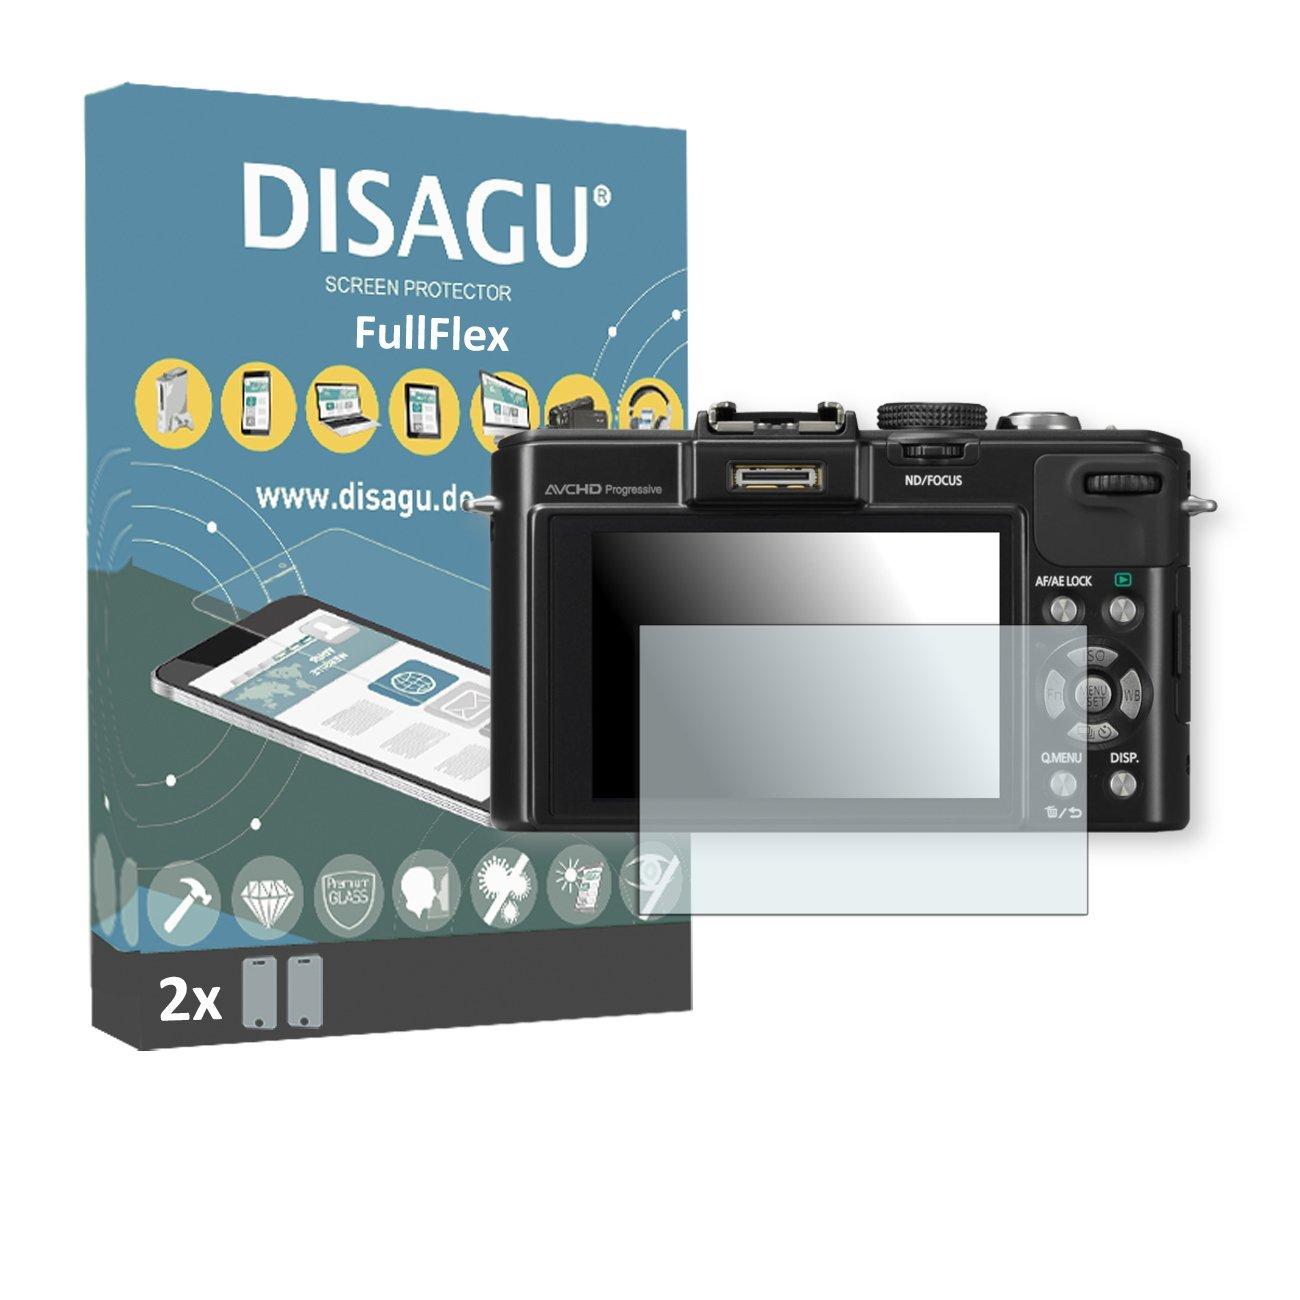 2 x Disagu FullFlex screen protector for Panasonic Lumix-DMC LX7 foil screen protector